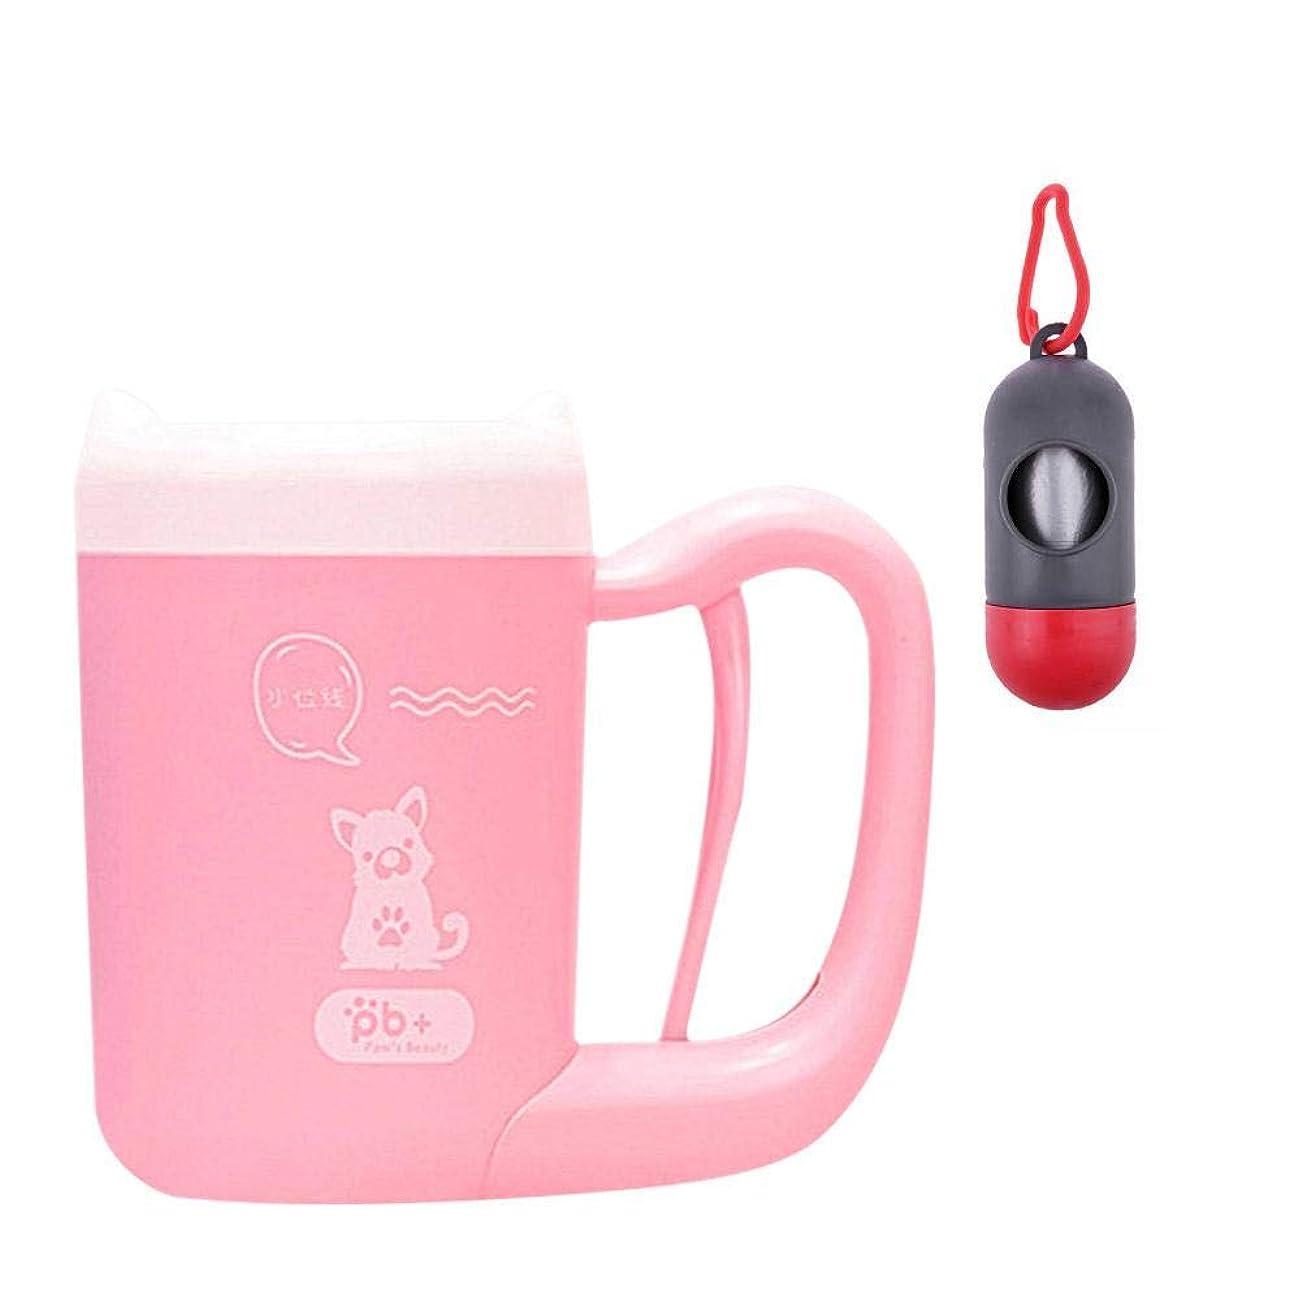 盟主究極の不変Demiawaking 犬 足洗いカップ 足クリーナー お散歩 足の汚れ 洗浄でき お手入れ 携帯便利 柔軟 軽い うんち袋+ケース付属 ピンク